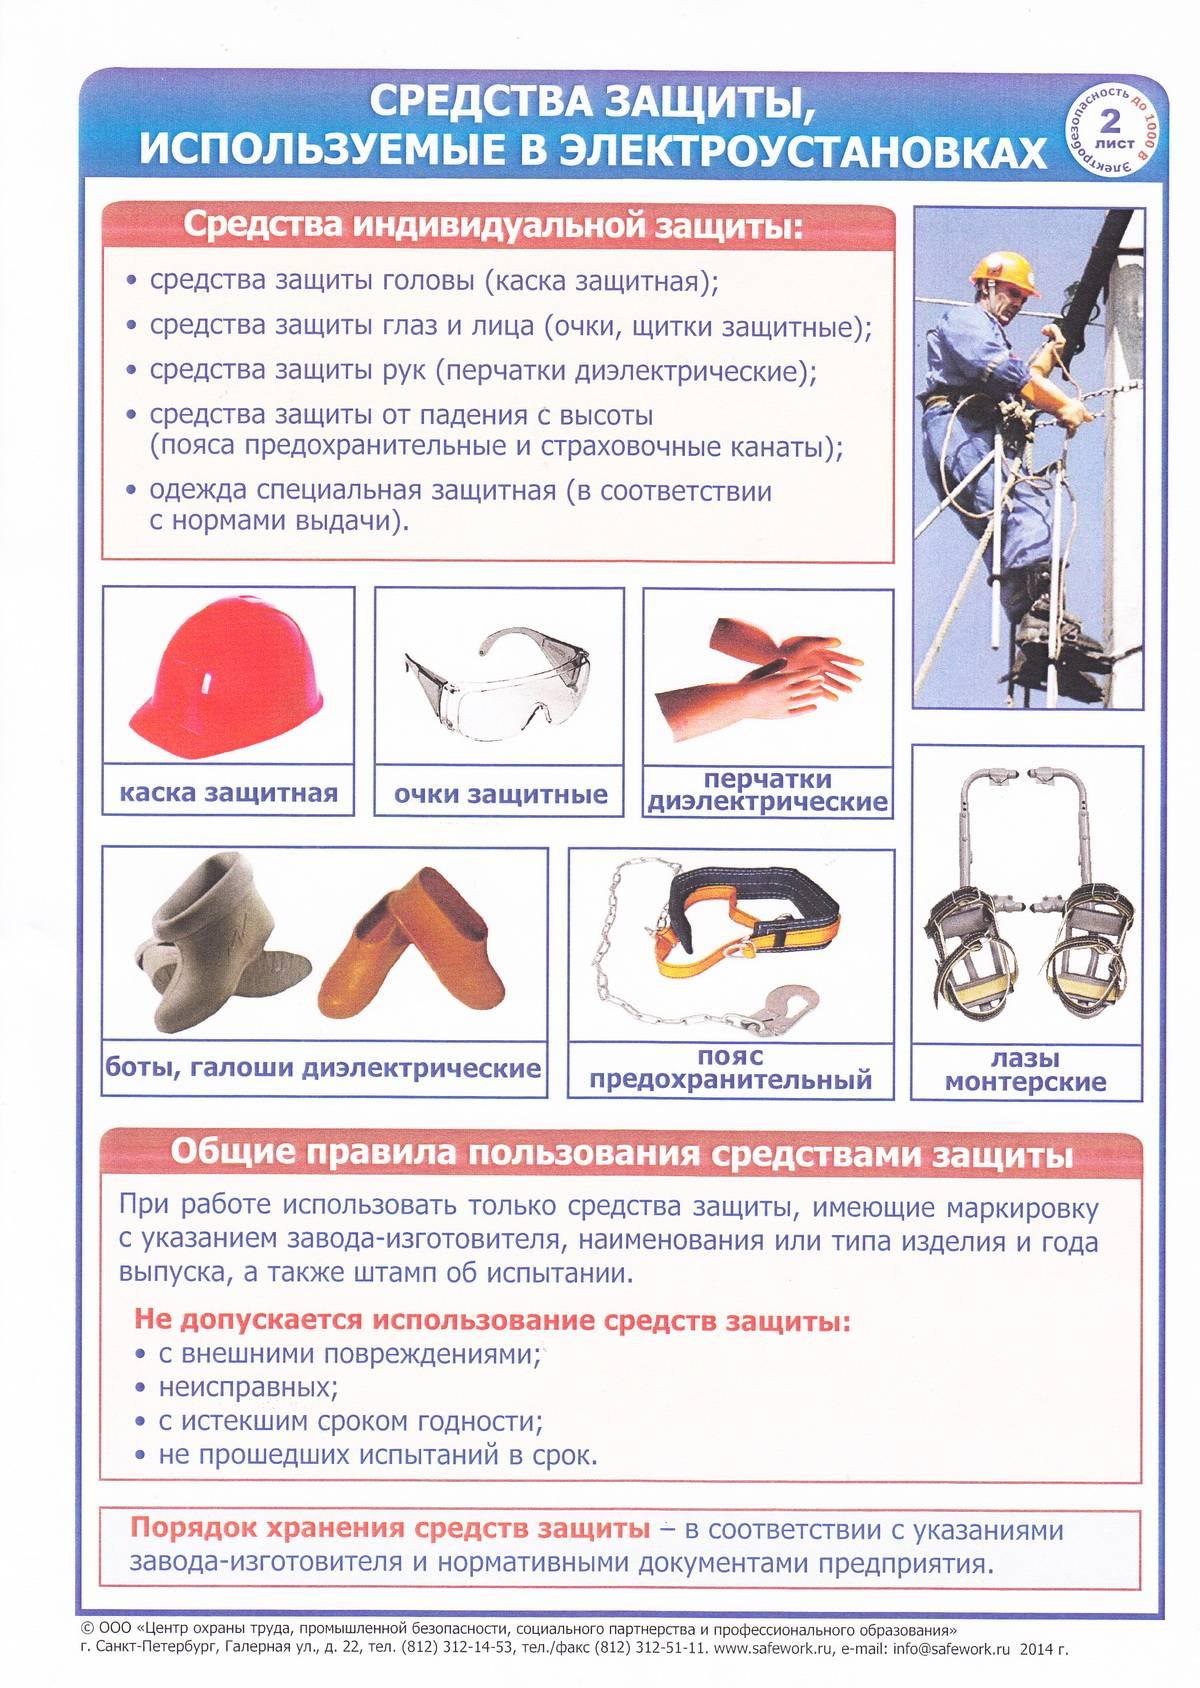 Как подразделяются электрозащитные средства: подробная характеристика